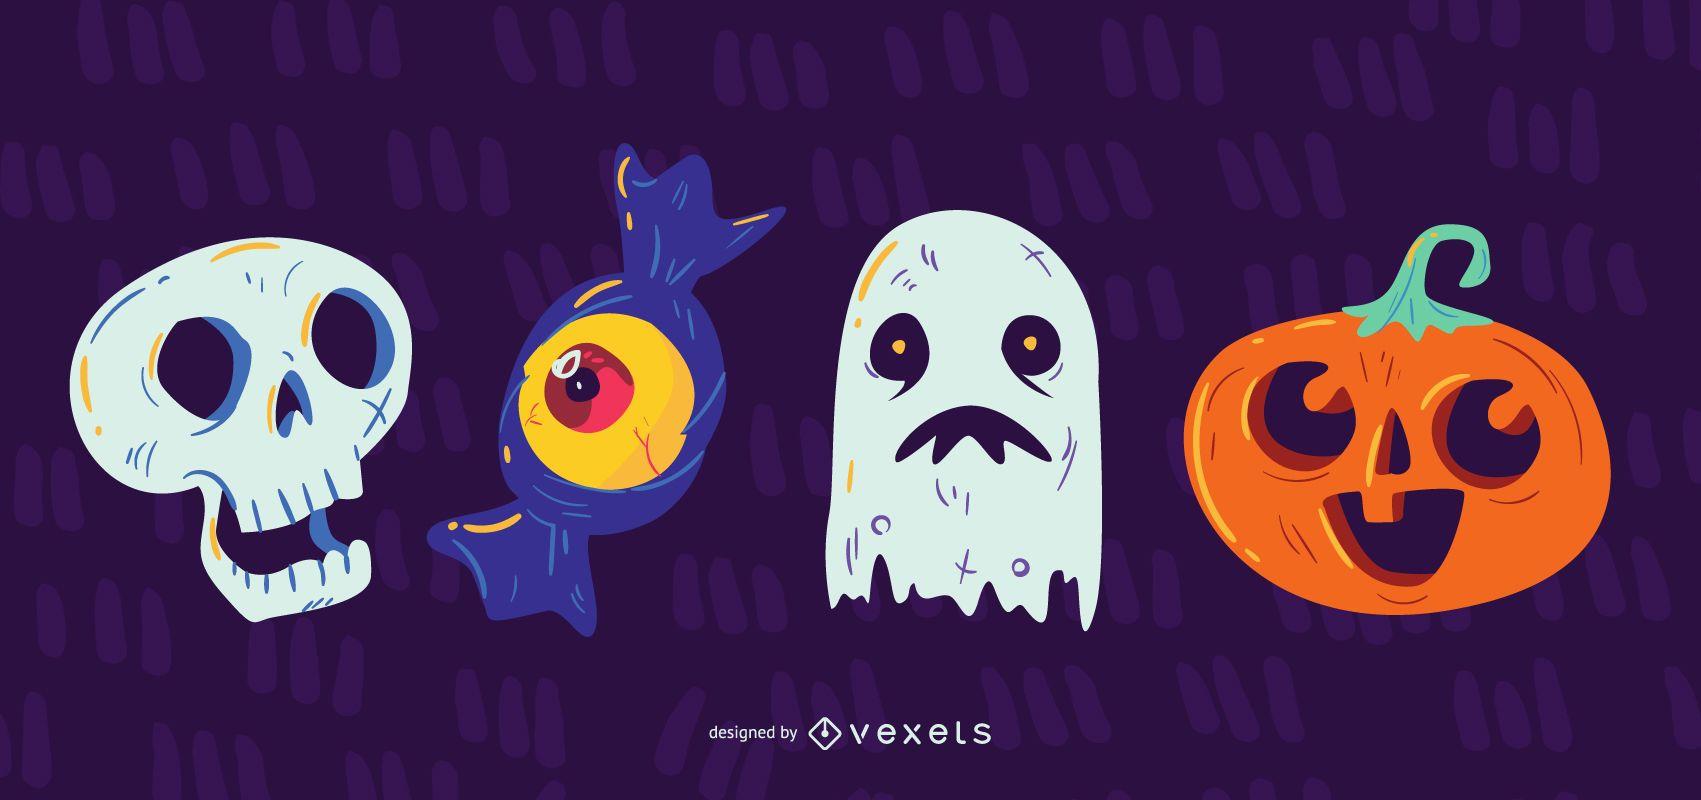 Icono de elemento de diseño de Halloween